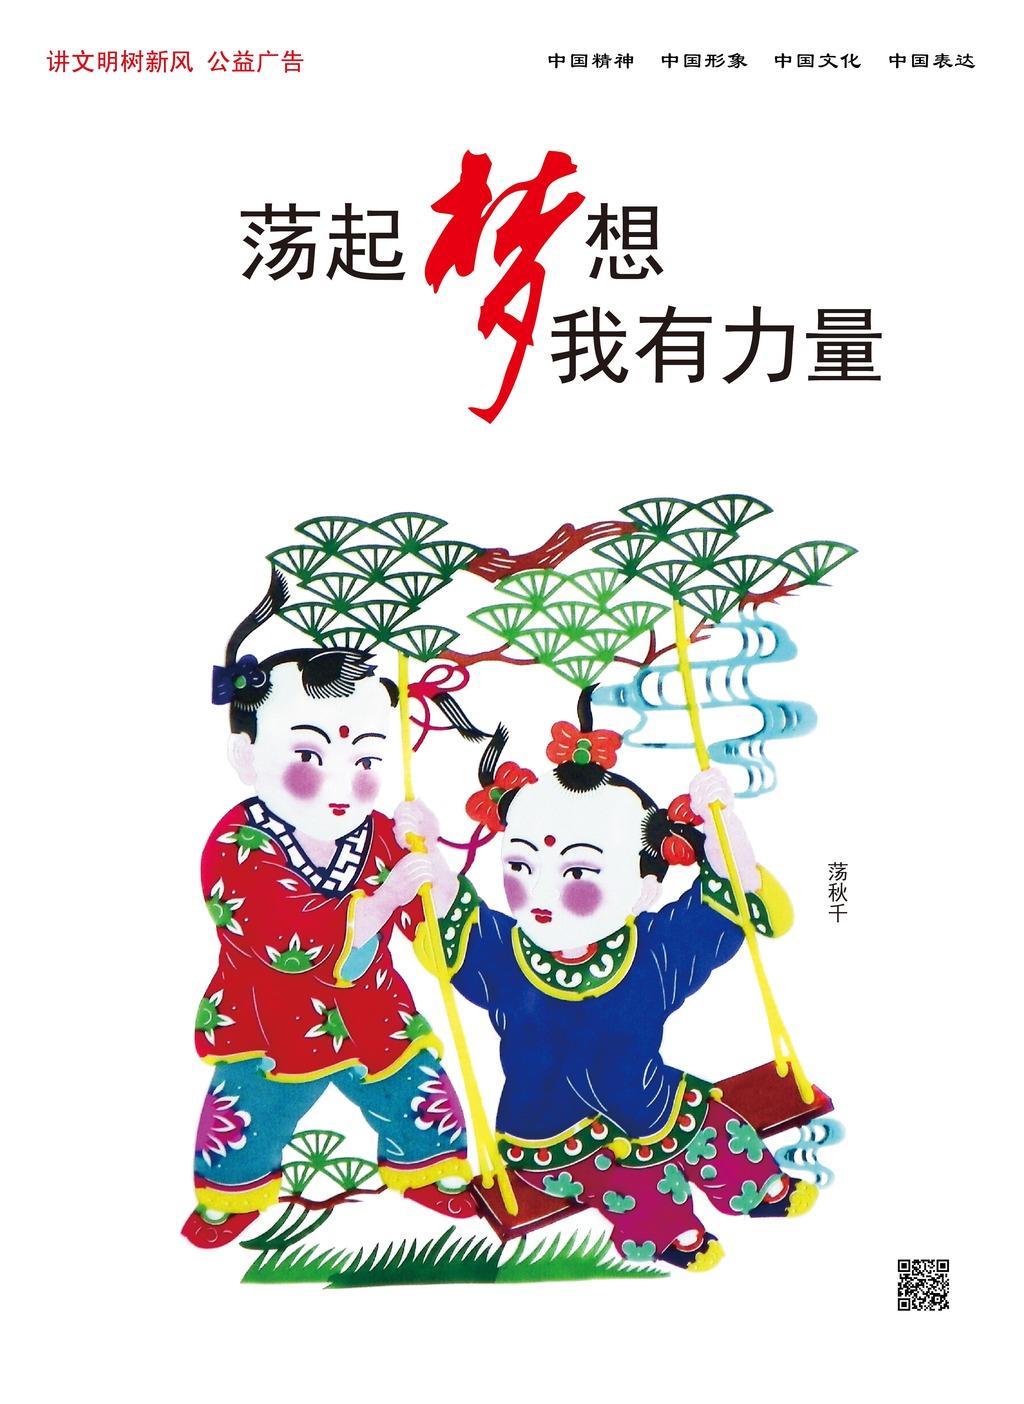 中国梦公益海报,展板设计,梦想